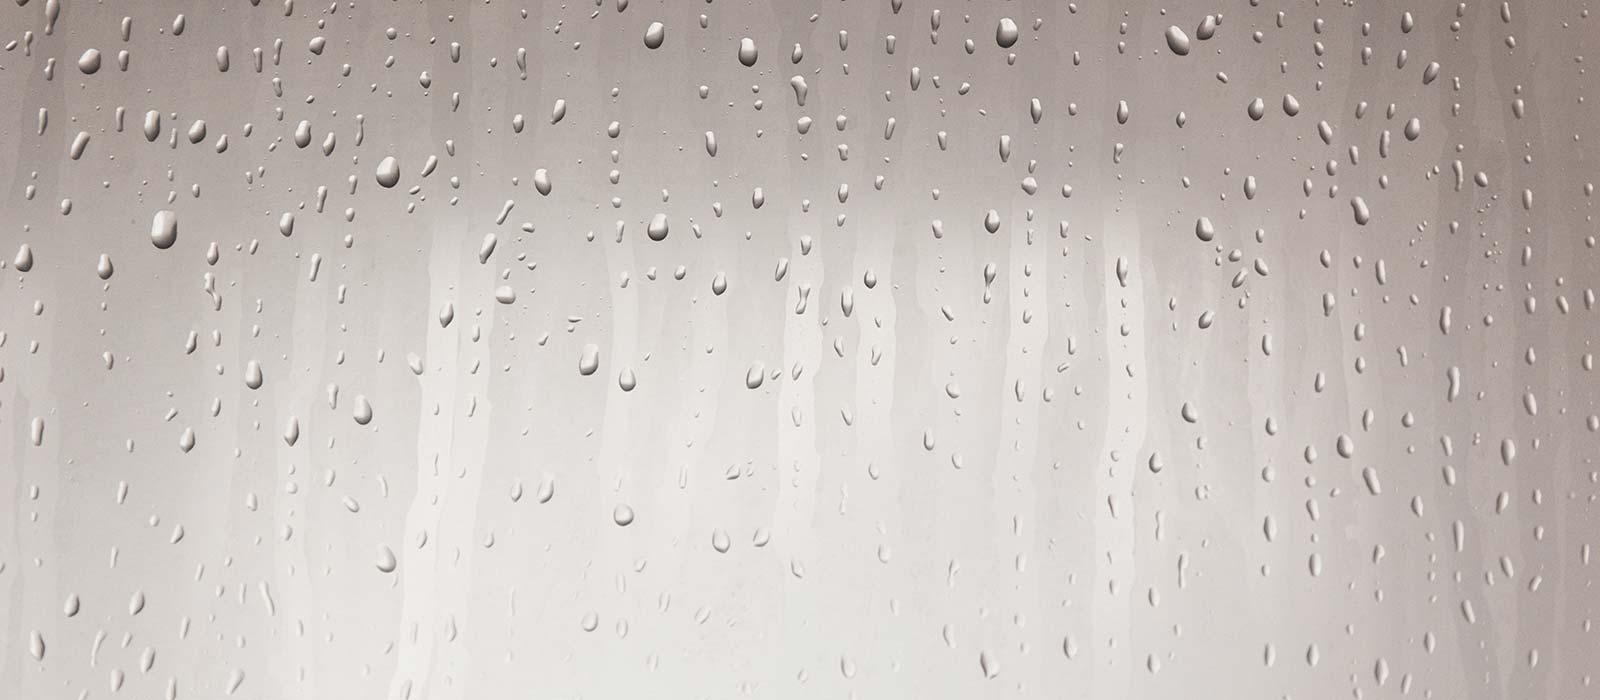 foggy shower - speaker